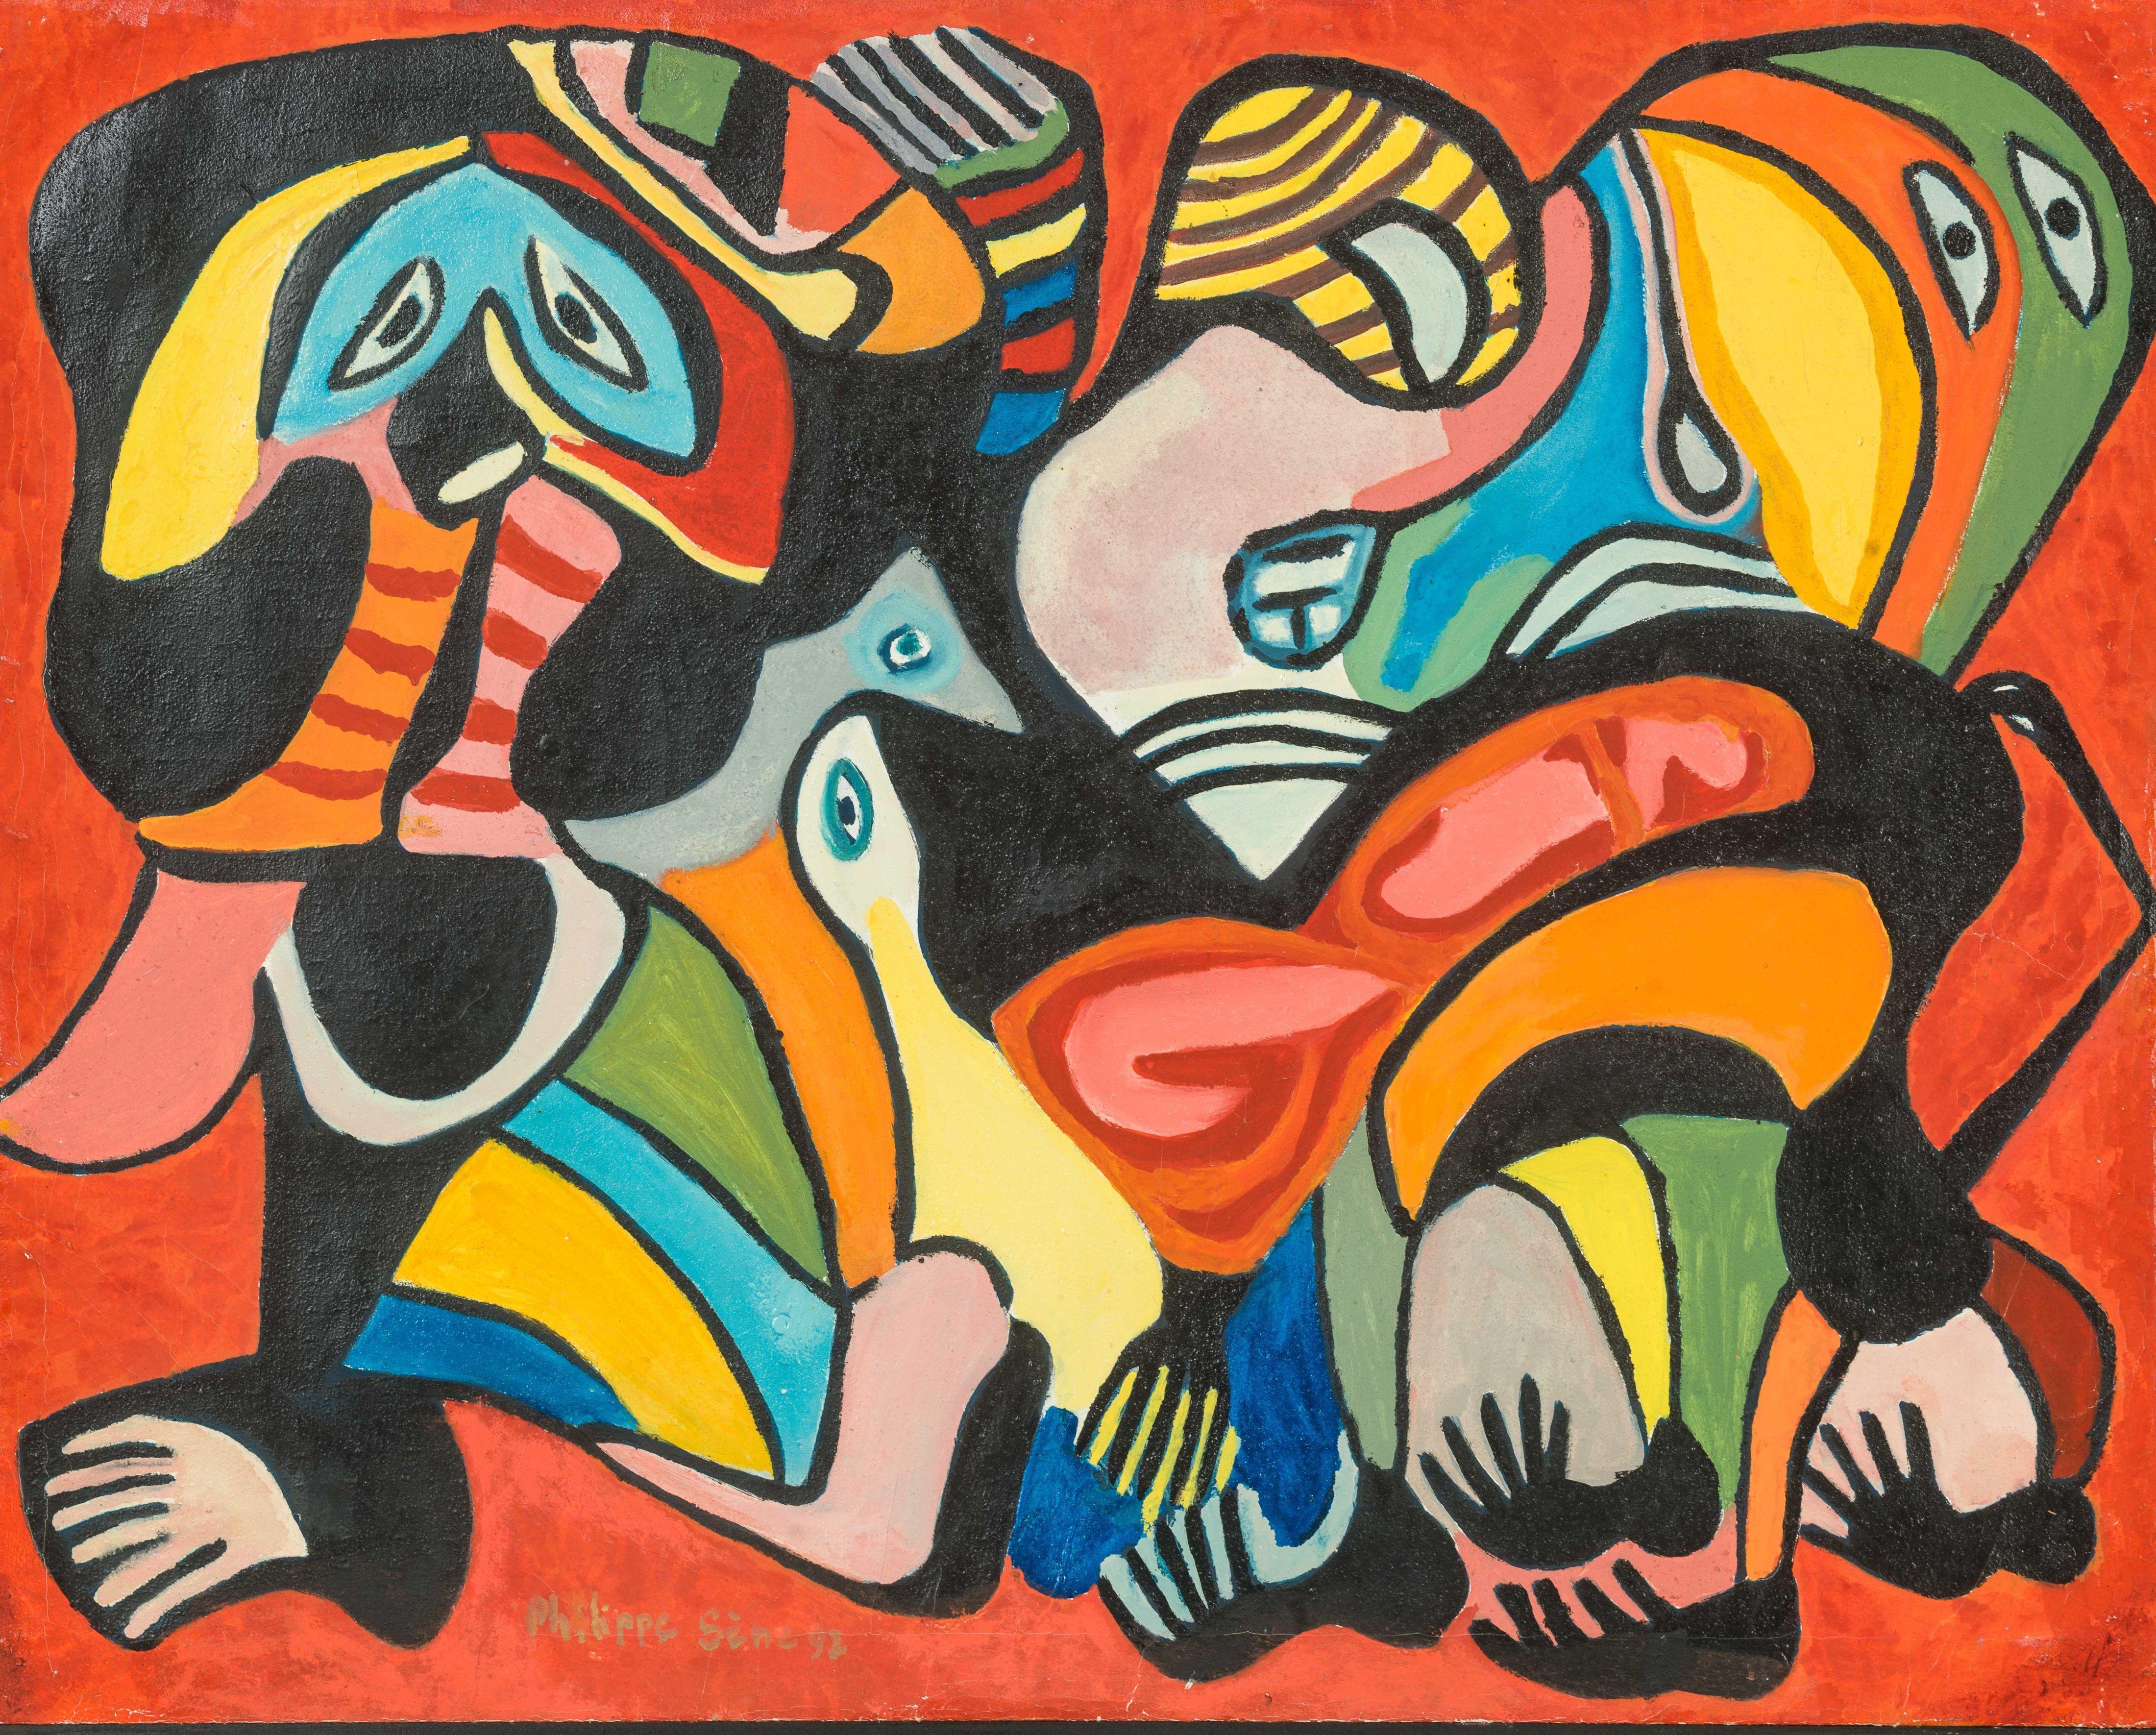 Philippe SÈNE né en 1945 - Sénégal Les jumeaux, 1992 Huile sur toile